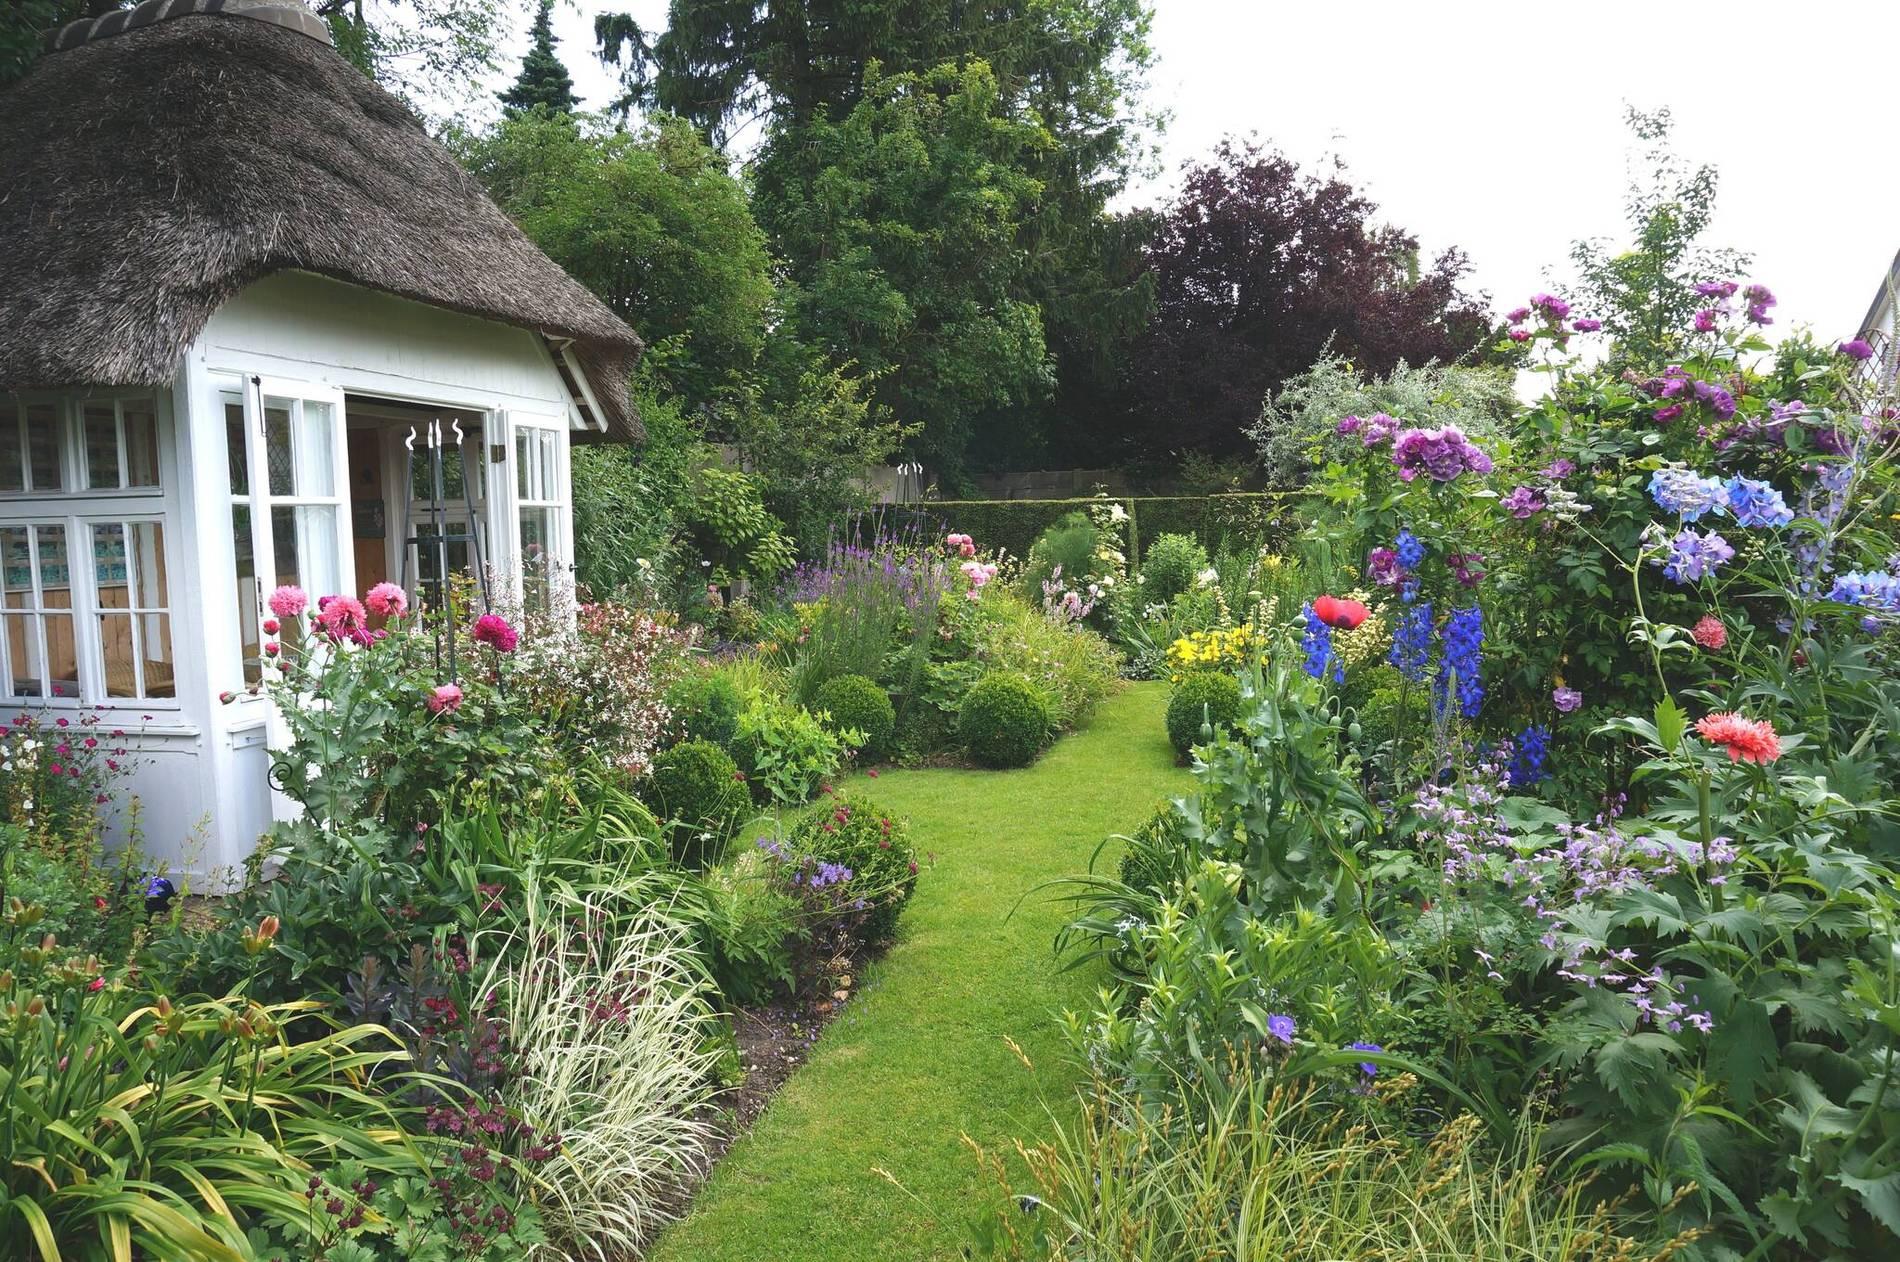 Funf Orte Mit Offener Gartenpforte In Viersen